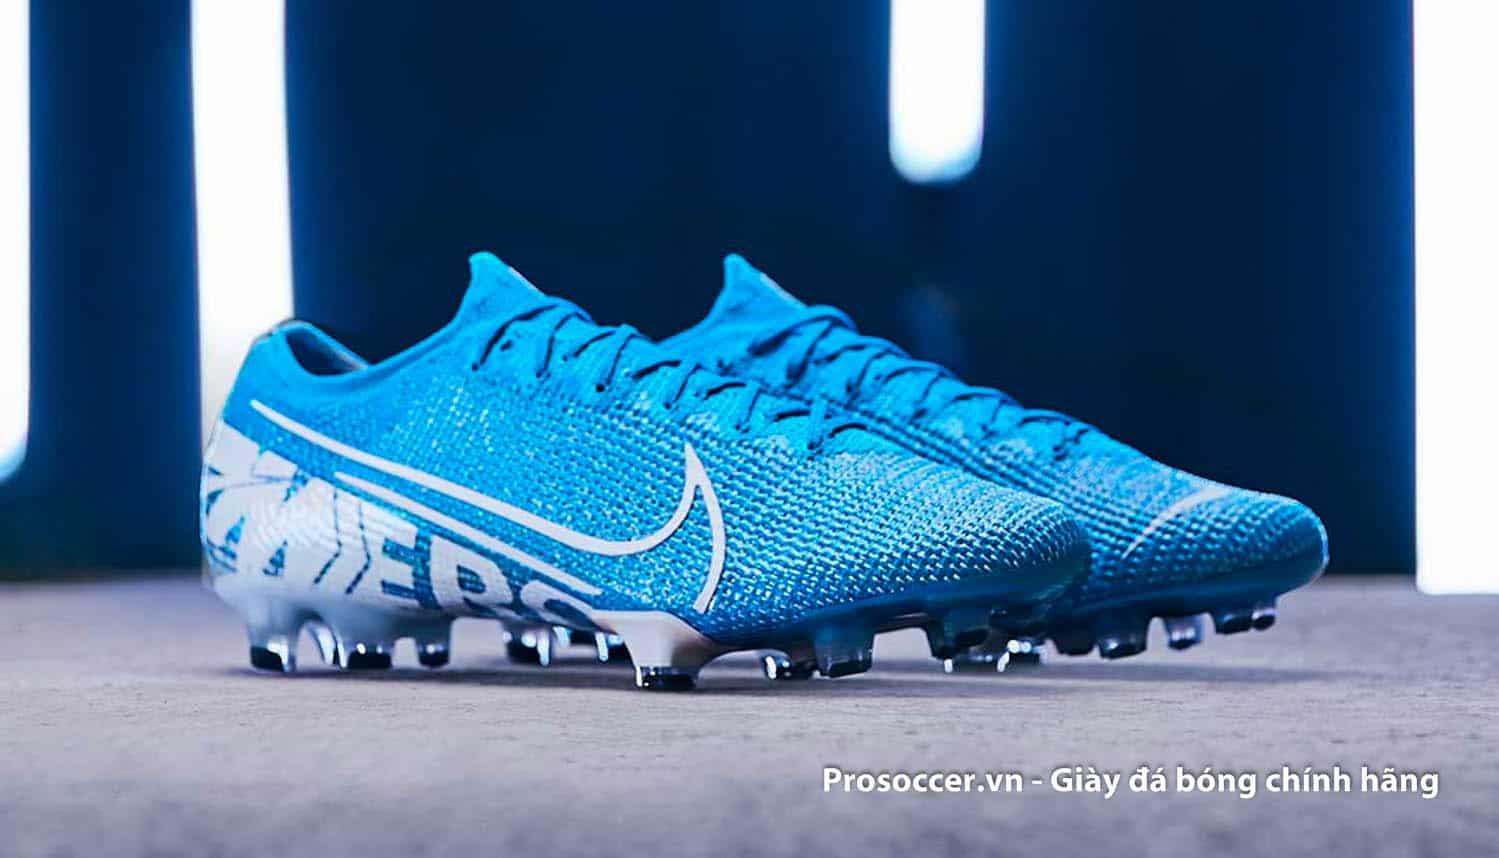 Giày đá bóng làm bằng da vải đang là xu hướng sản xuất của các hãng giày trên thế giới